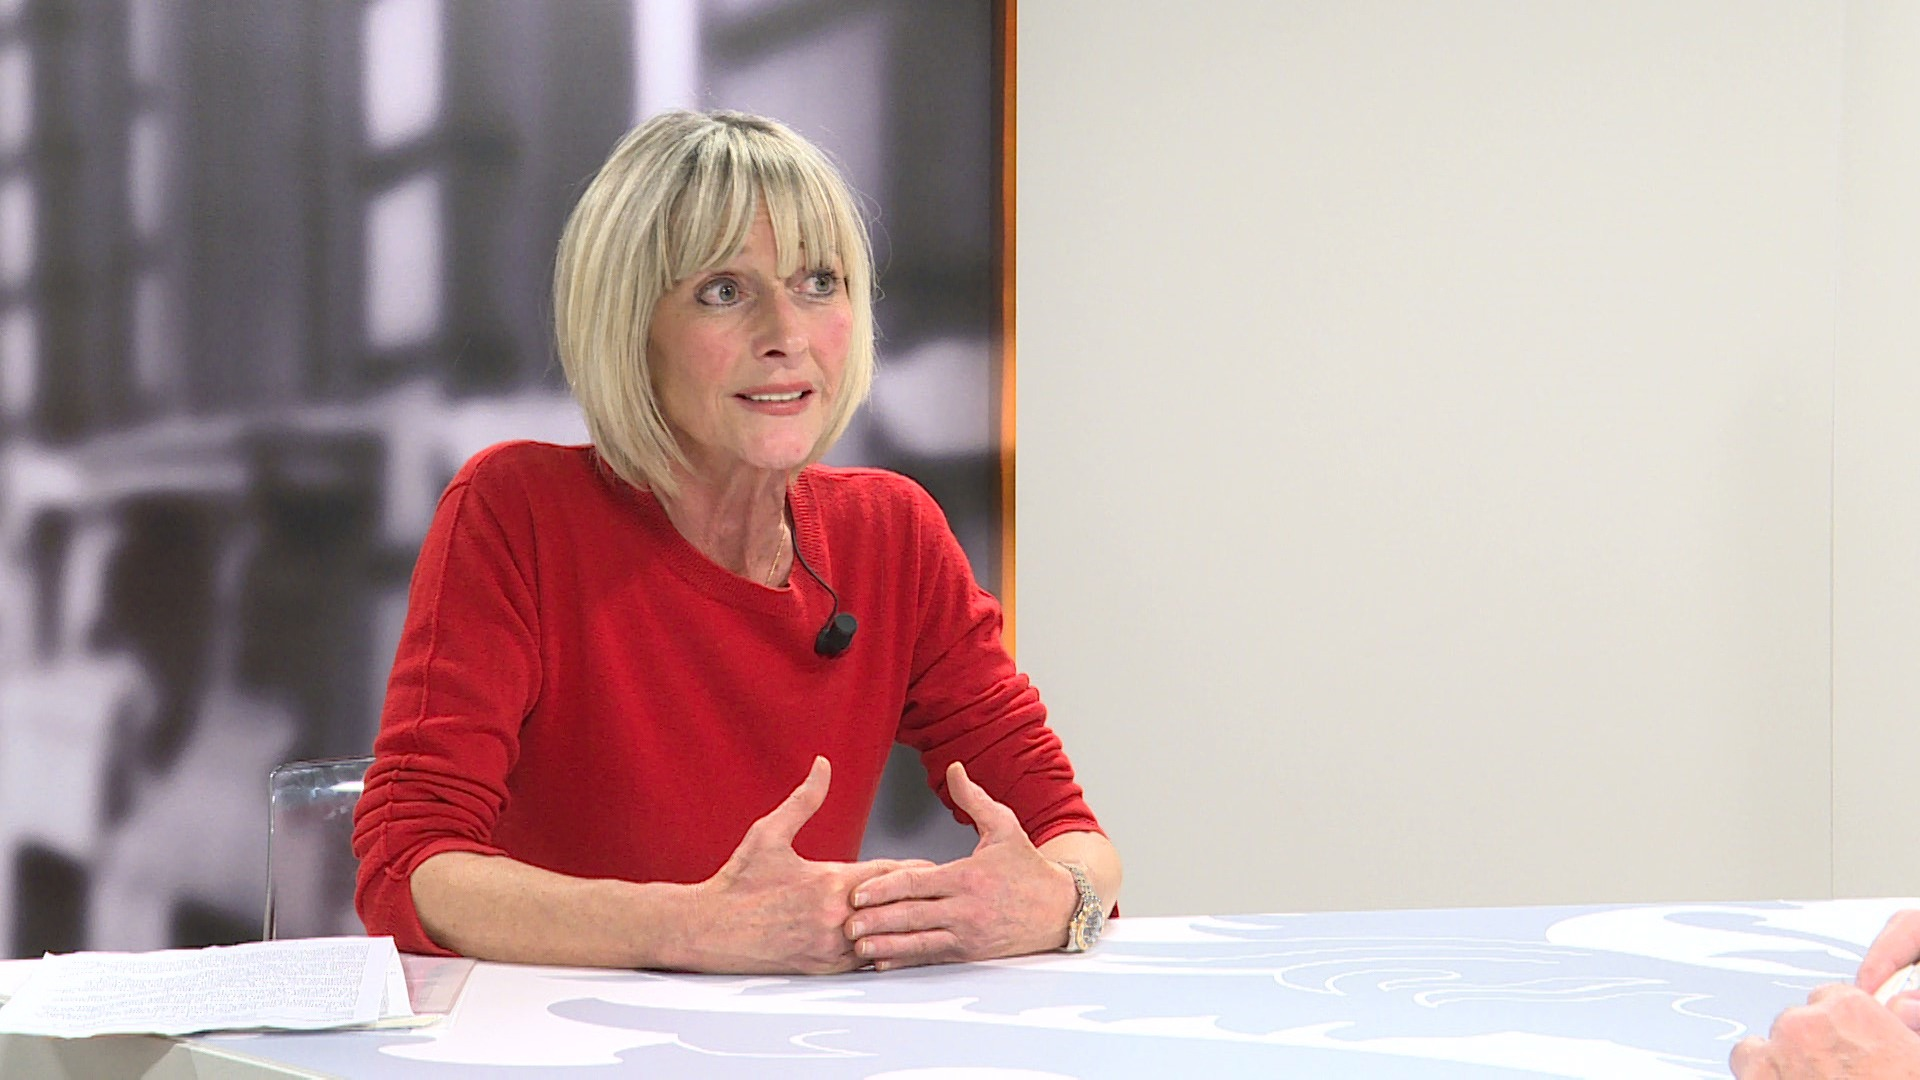 Studio Commissie: Grete Remen over de voedselverspilling bij Vlaamse gezinnen